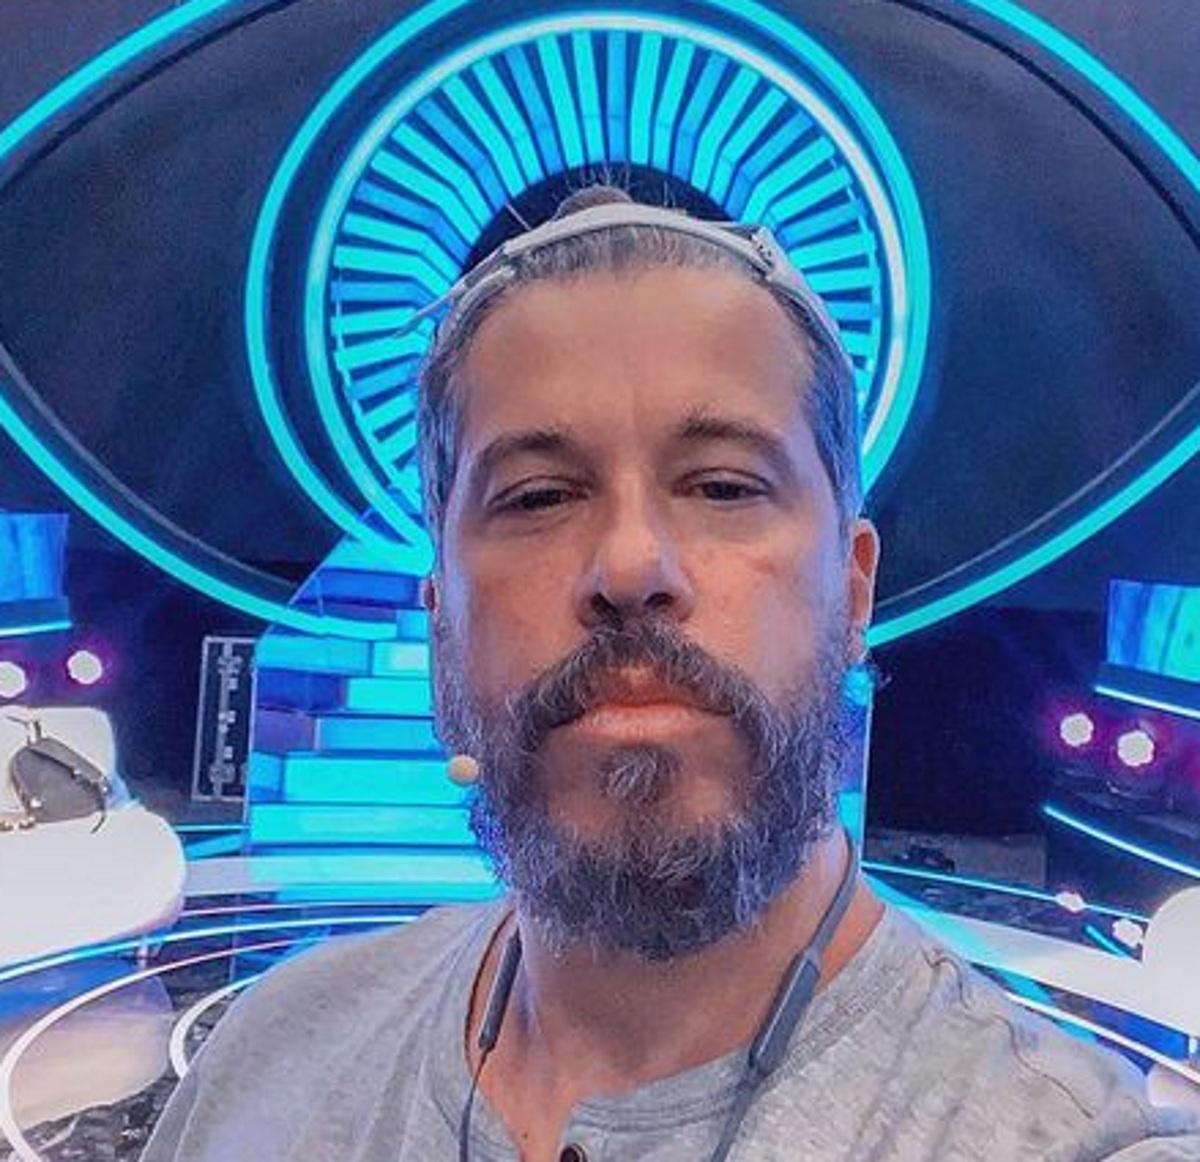 """Χάρης Βαρθακούρης: Ποζάρει στο πλατό του Big Brother και δηλώνει: """"Κάποιος με ευλόγησε και ετοιμάζομαι να παρουσιάσω το Big Brother""""!"""